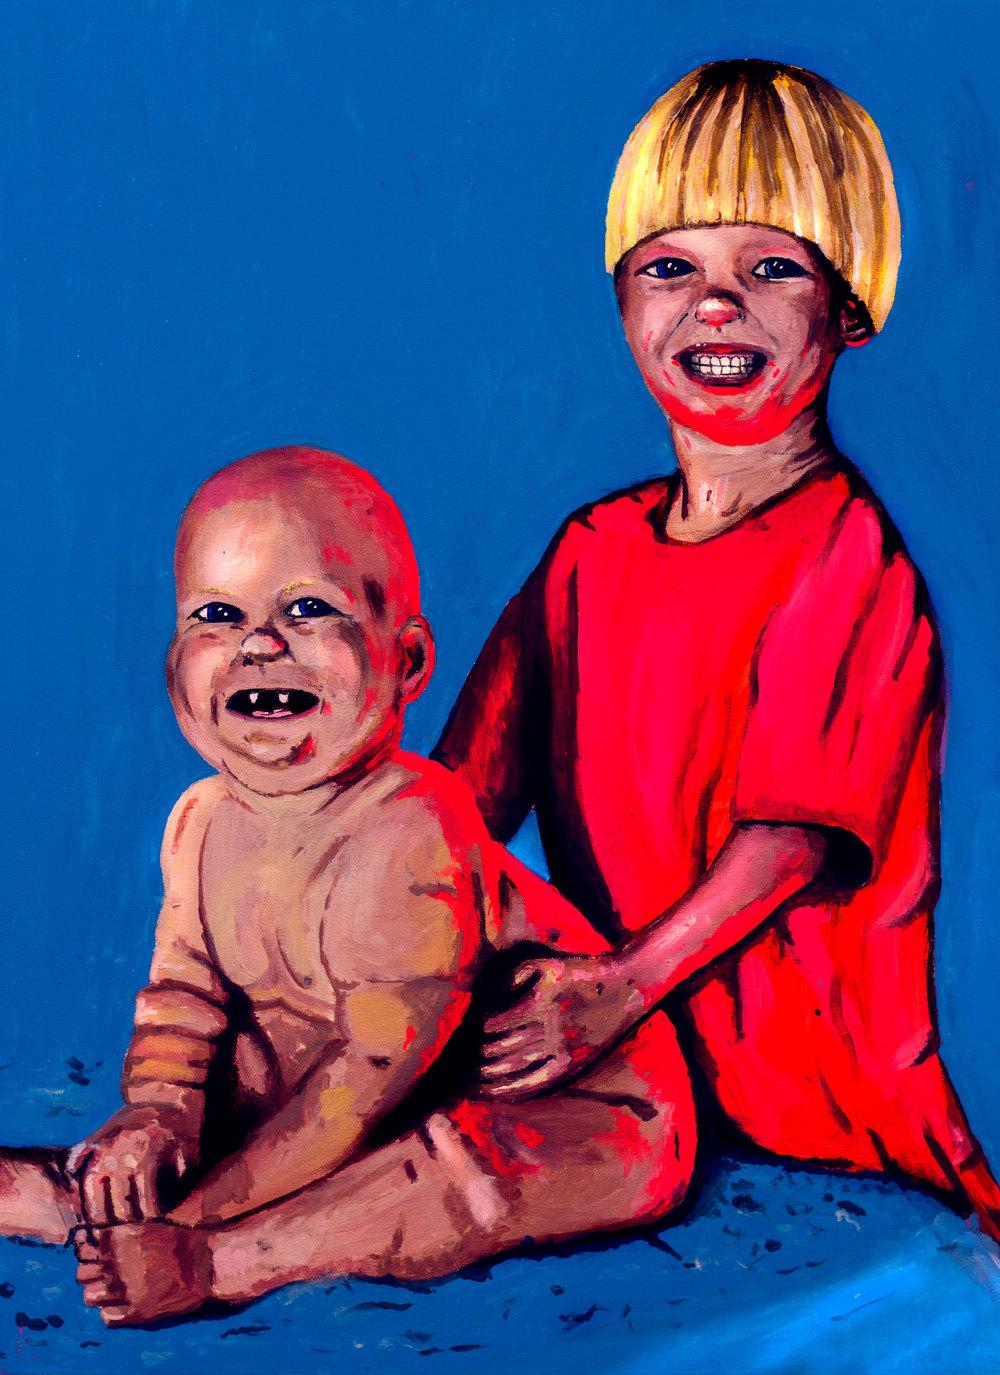 Neon Babies